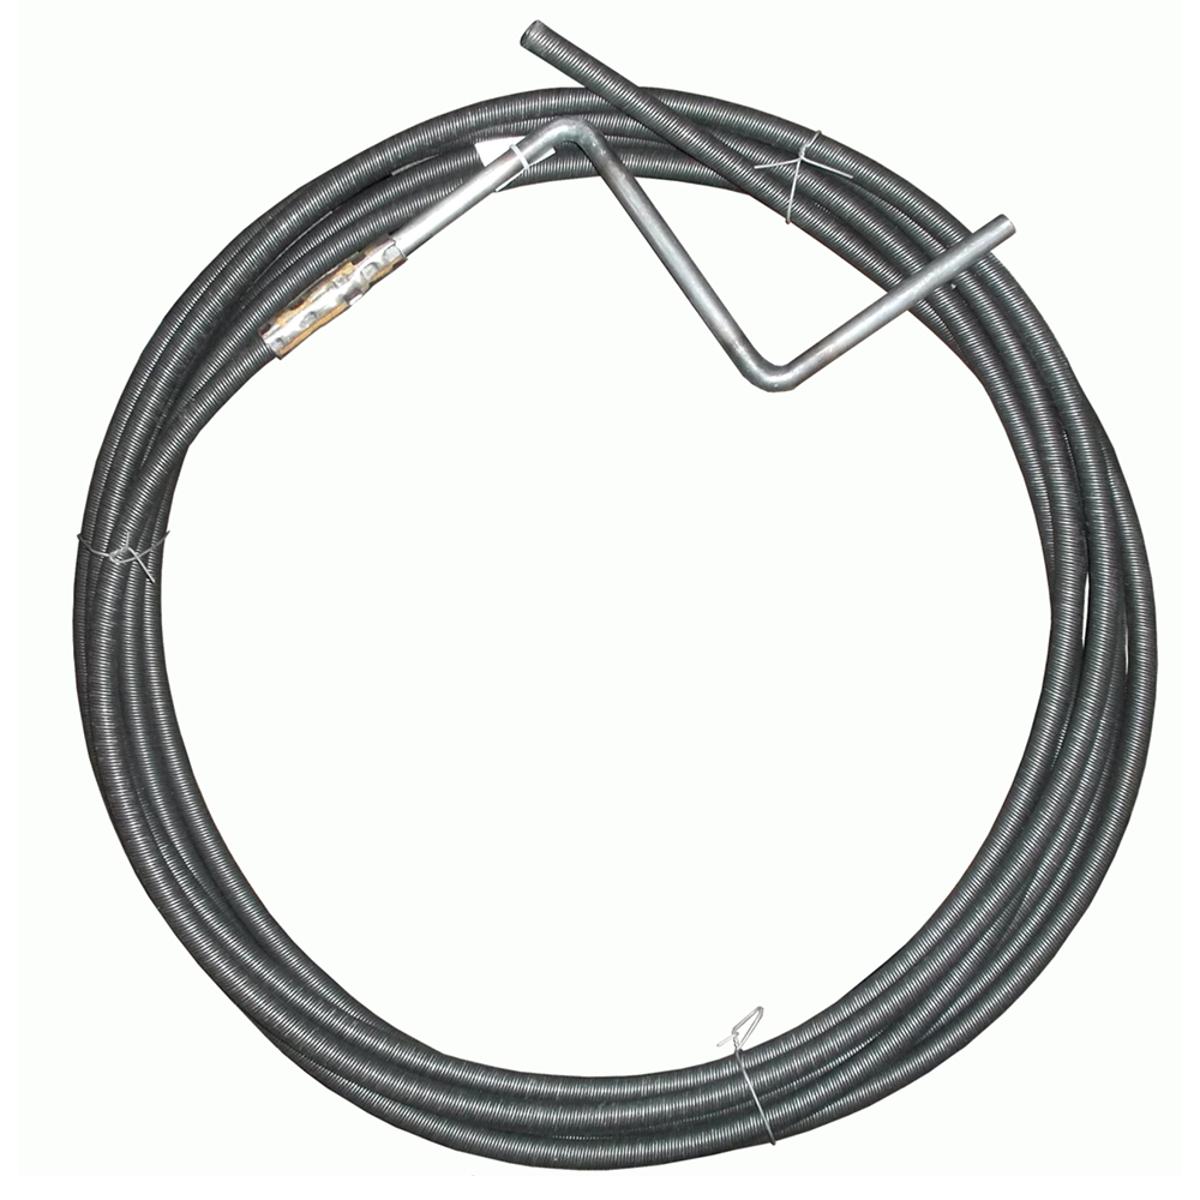 Трос пружинный МастерПроф, для прочистки канализационных труб, 9 мм х 10 м трос сантехнический пружинный wirquin 70980831 2 5 м